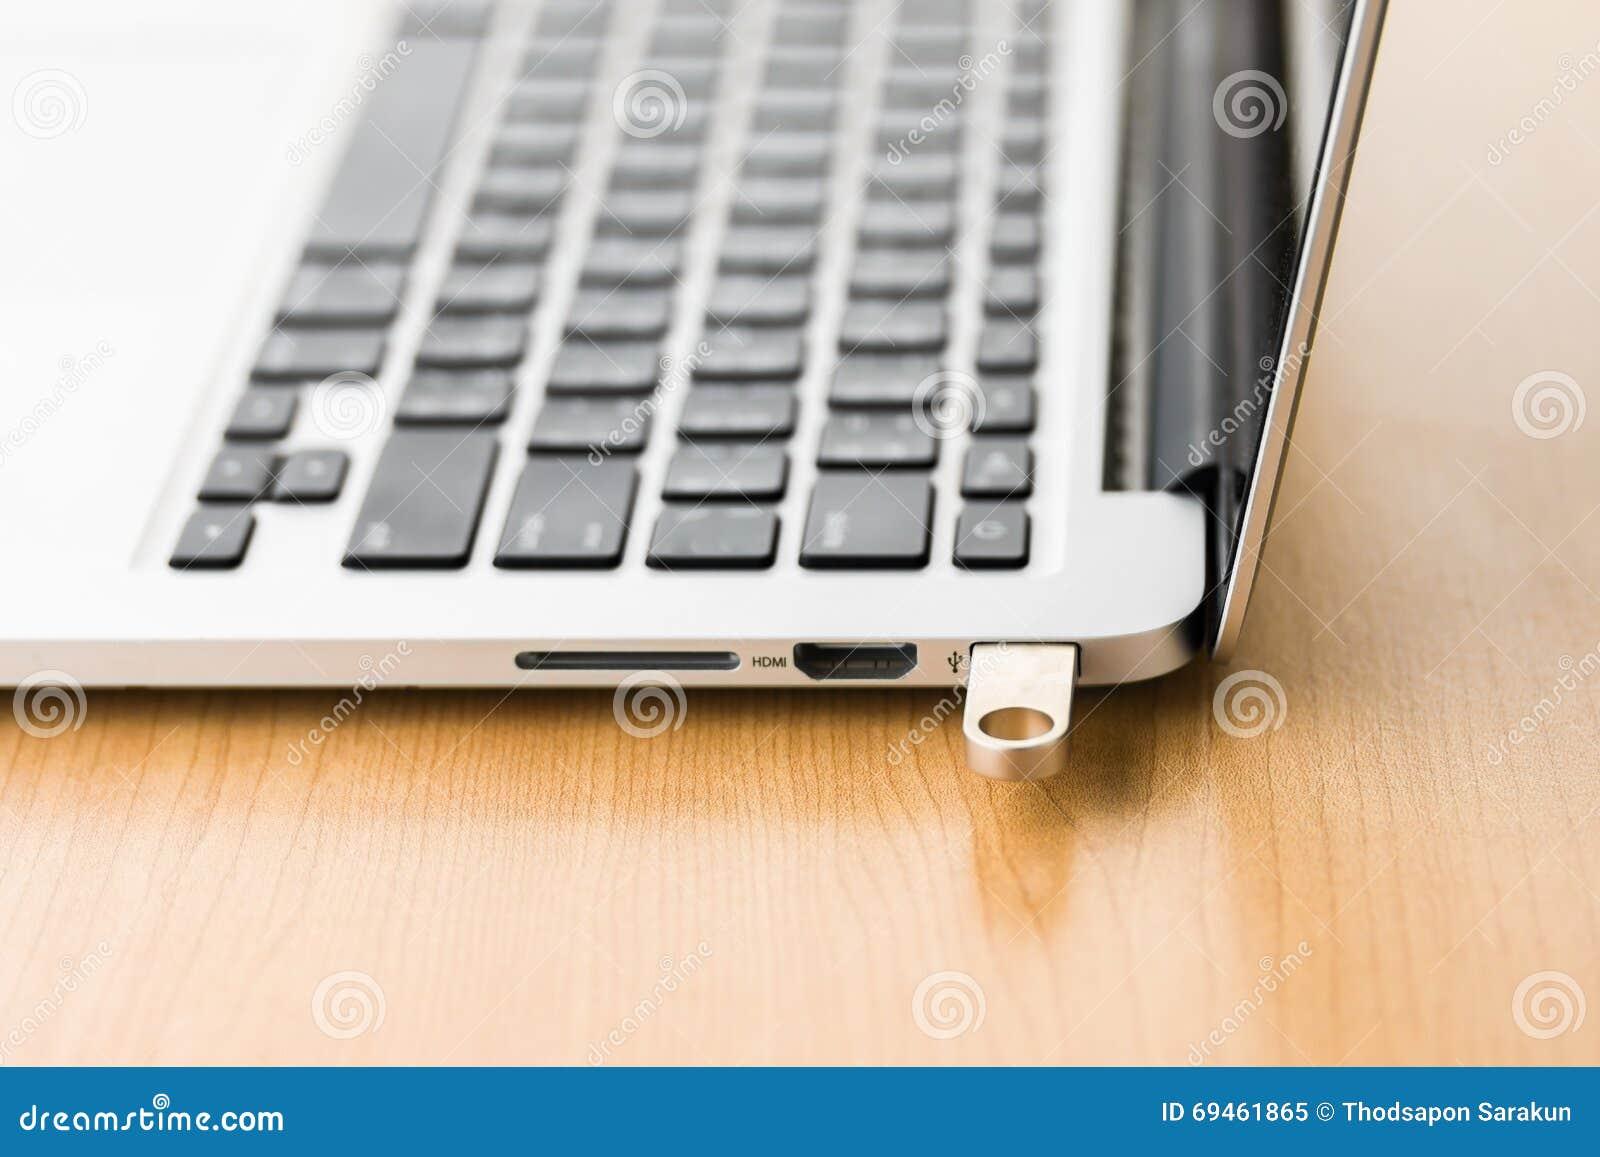 USB闪光推进棍子连接了到便携式计算机